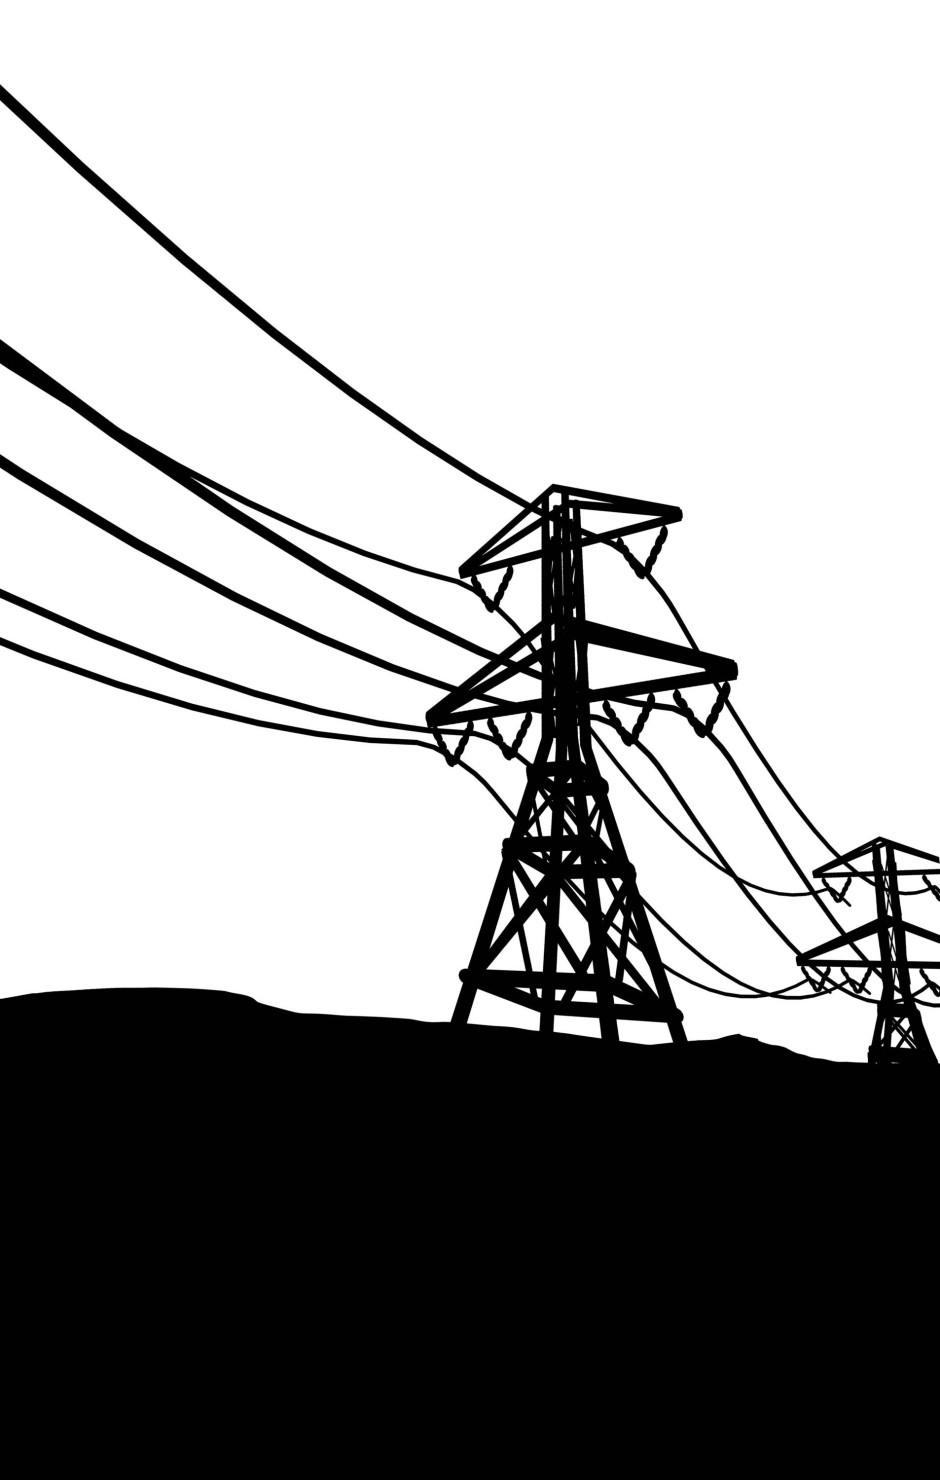 1905 geht die erste 50-Kilovolt-Stromleitung in Deutschland in Betrieb. Zu diesem Zeitpunkt sind die Strom- sowie auch die Gasnetze lokal eng begrenzt. Erst 1948 entsteht die deutsche Verbundgesellschaft e.V., ein Zusammenschluss der größten deutschen Stromversorger. Im gleichen Jahr deutet Albert Einstein den Photoelektrischen Effekt. Er erhält dafür 1921 den Nobelpreis und legt damit den Grundstein für unsere modernen Photovoltaikanlagen.